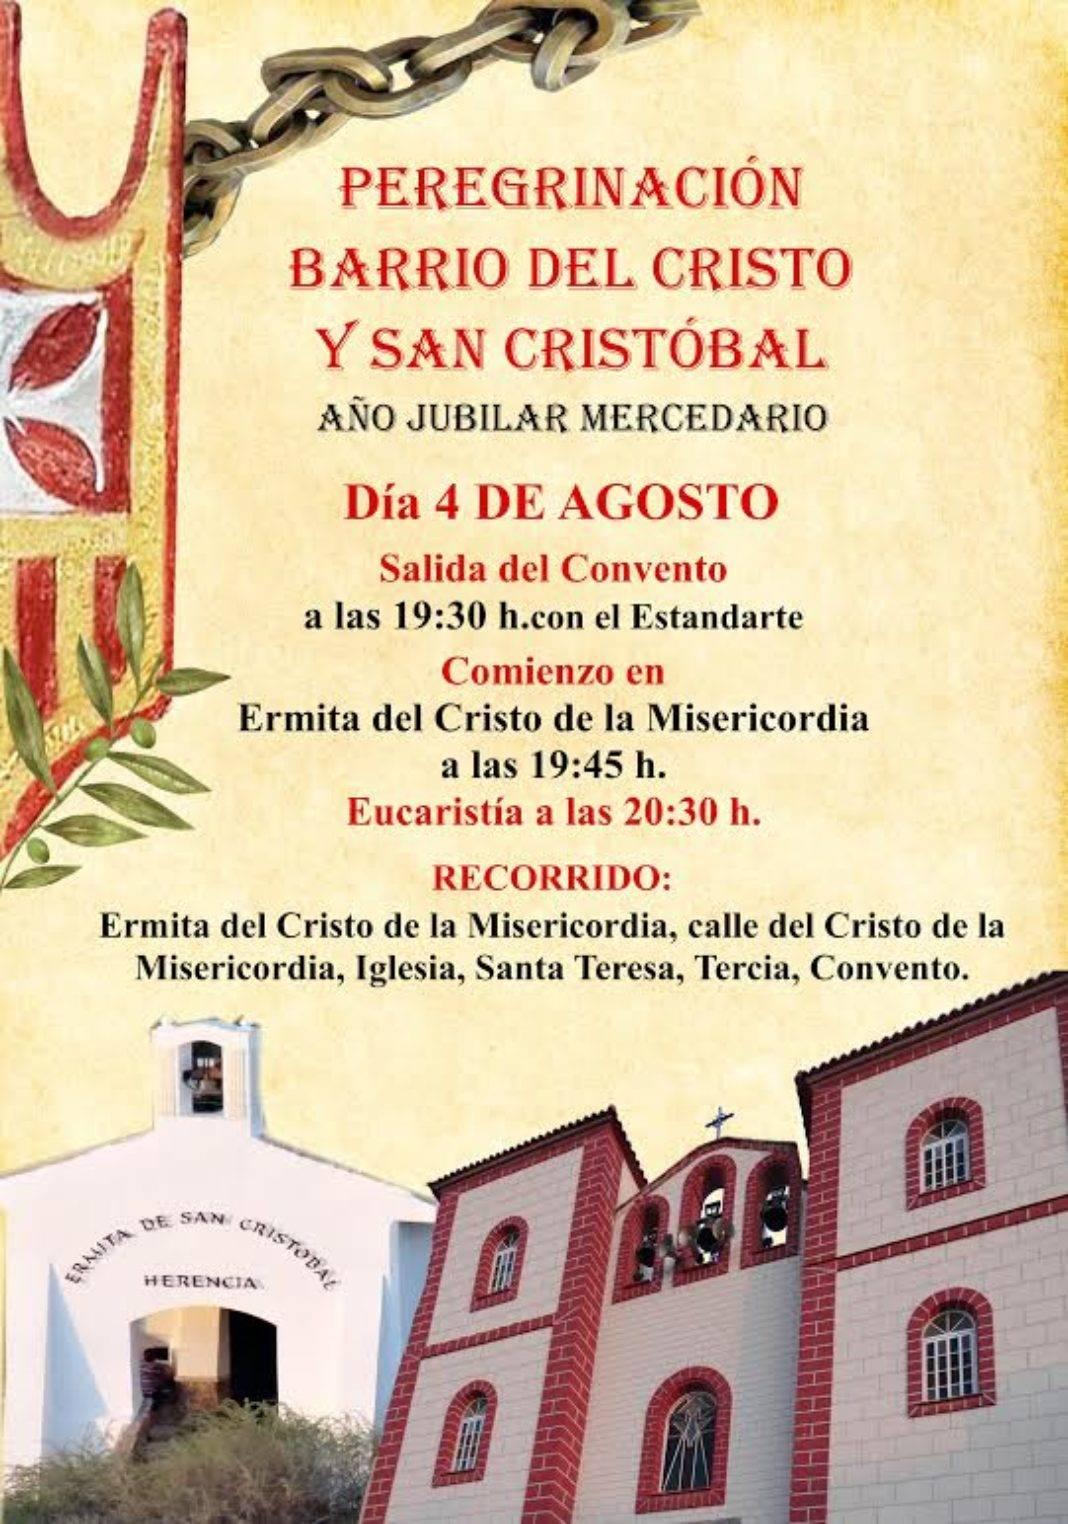 Peregrinación jubilar del barrio del Cristo y San Cristóbal 4